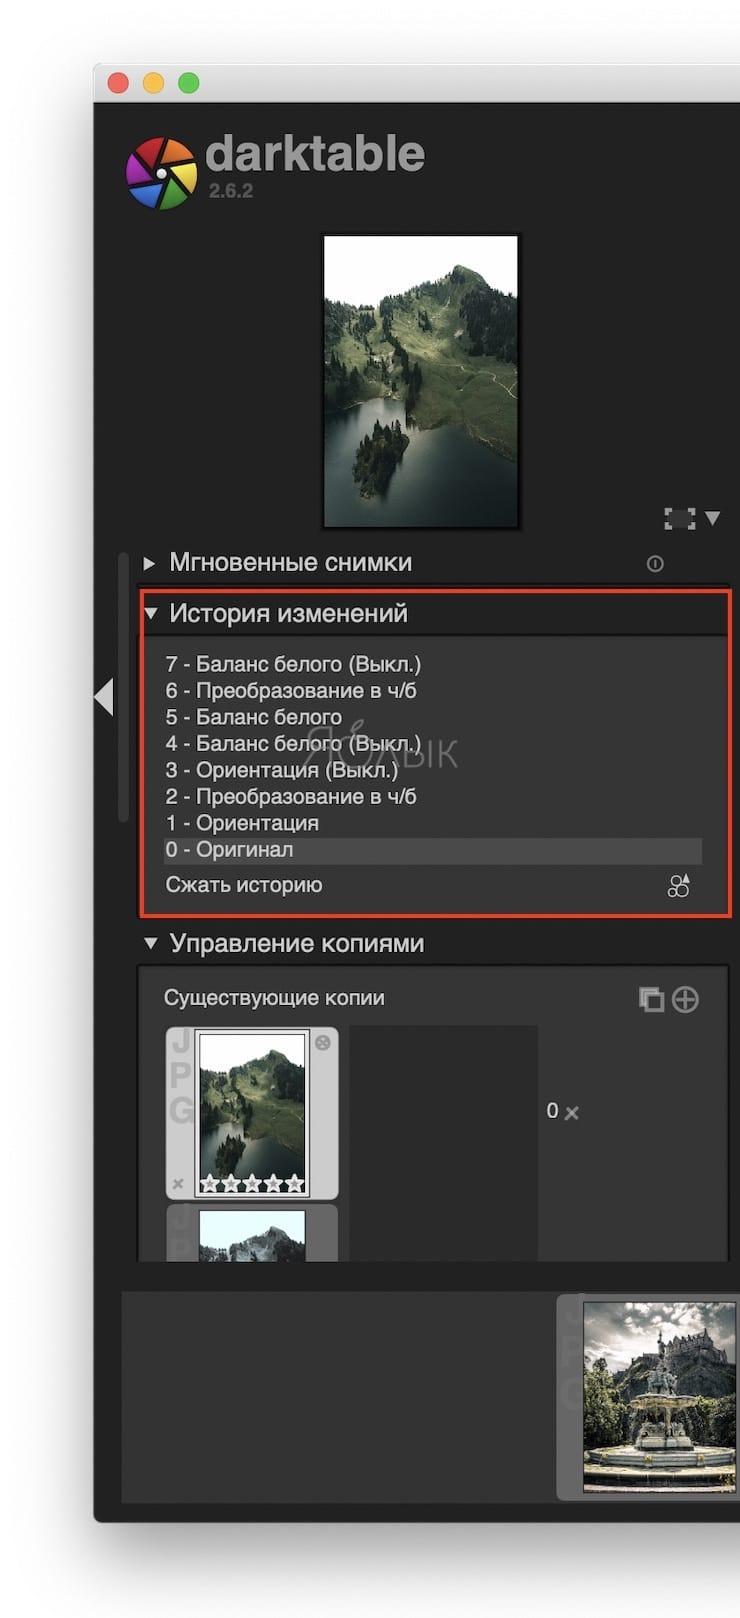 Darktable – бесплатный фоторедактор – альтернатива Adobe Lightroom для Windows, Mac и Linux